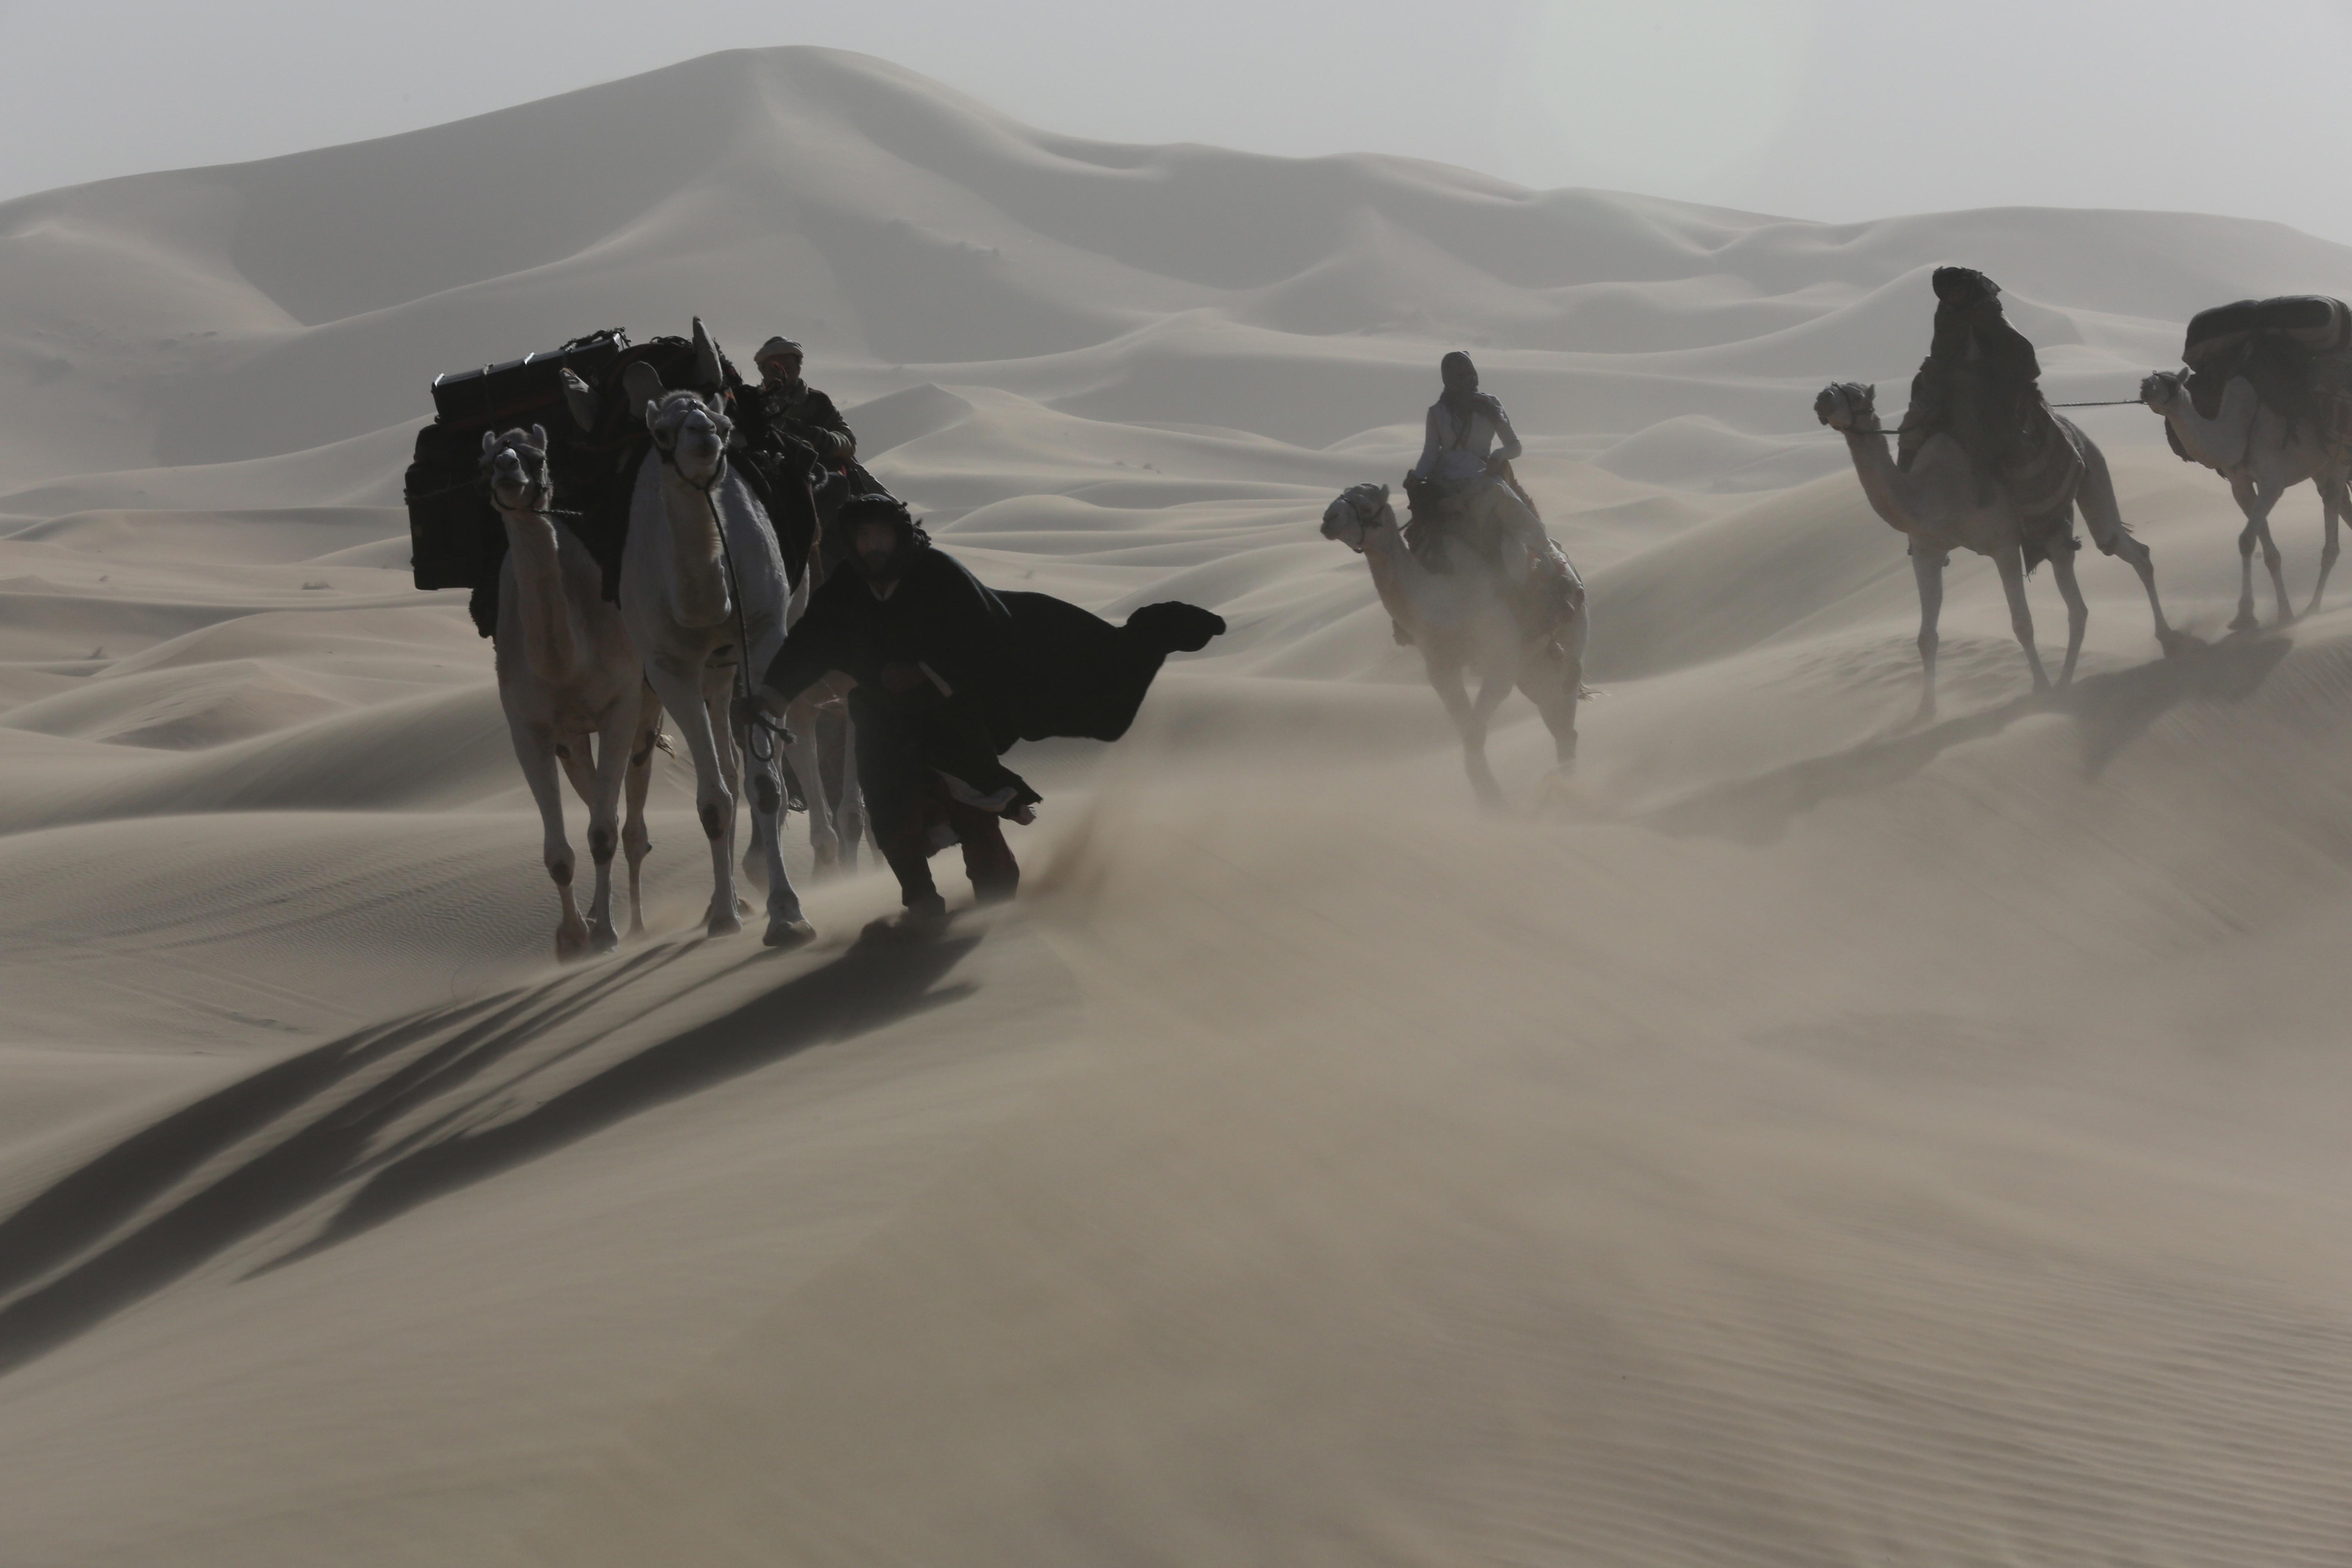 Filmska srečanja ob kavi: pogovor po projekciji filma Puščavska kraljica